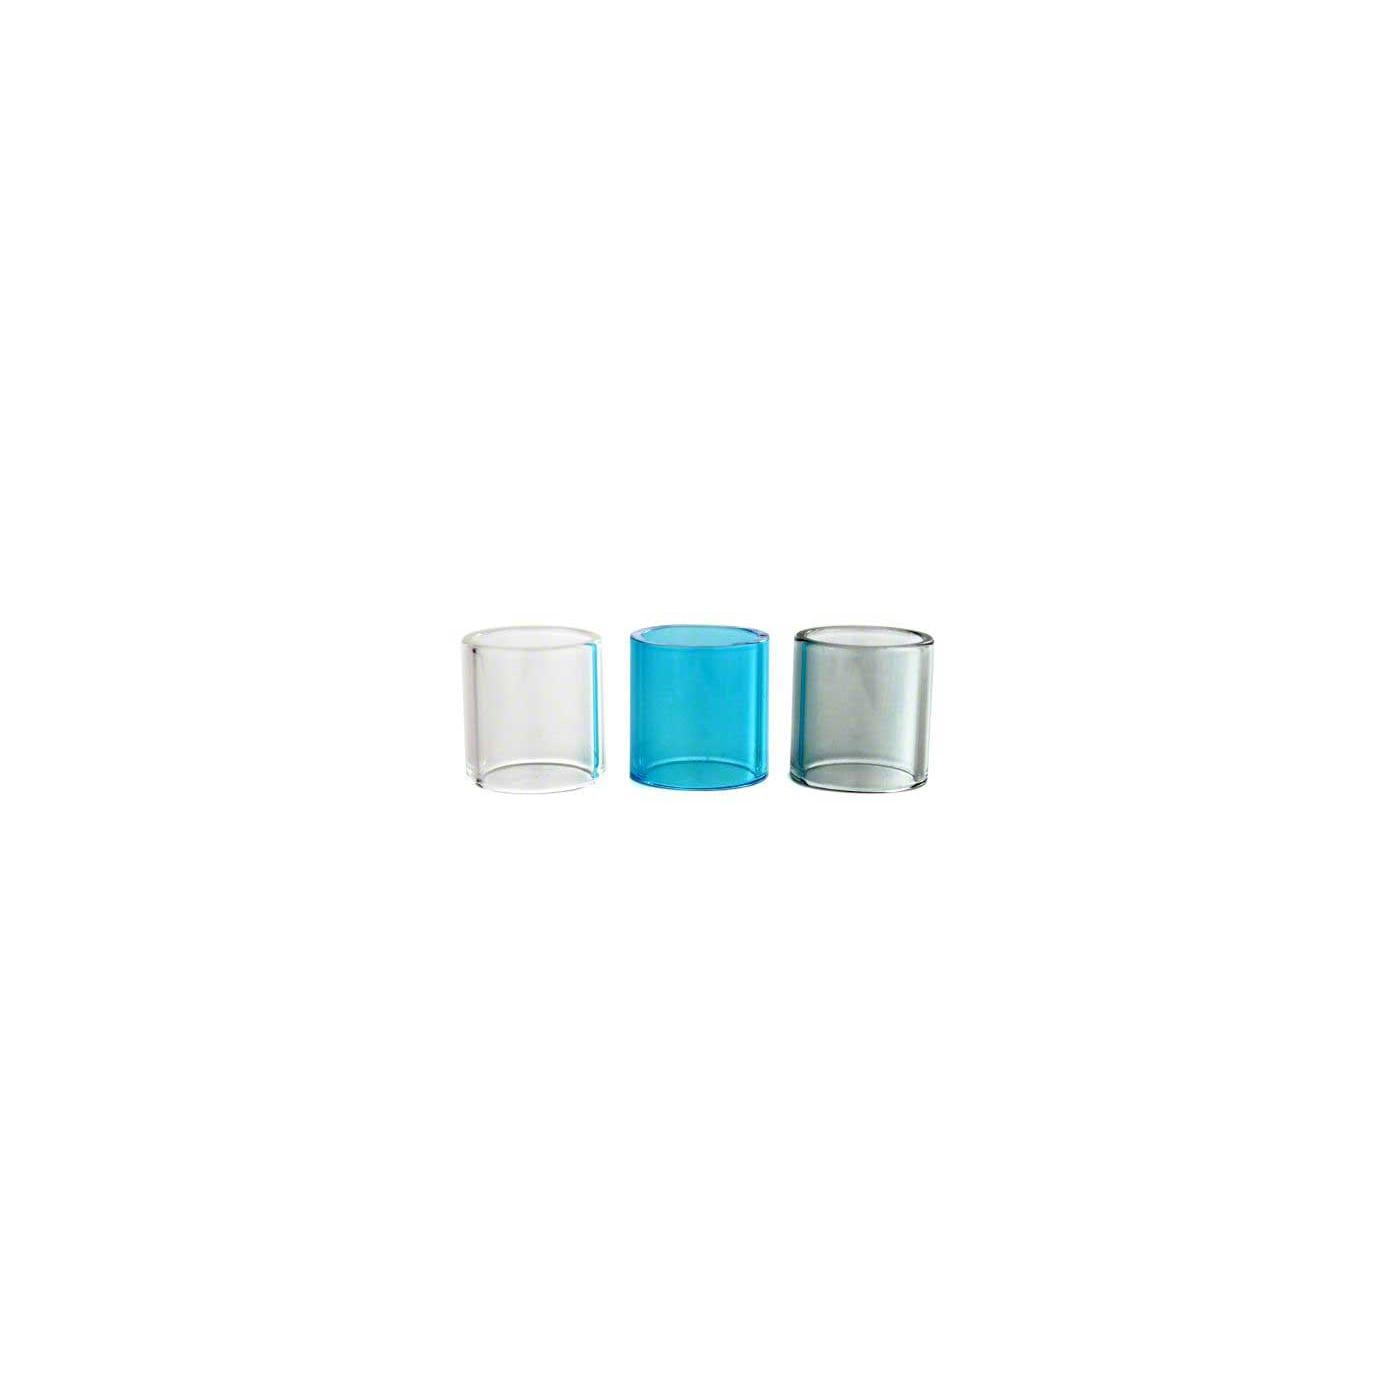 Kanger Aerotank V2 Glass Tubes